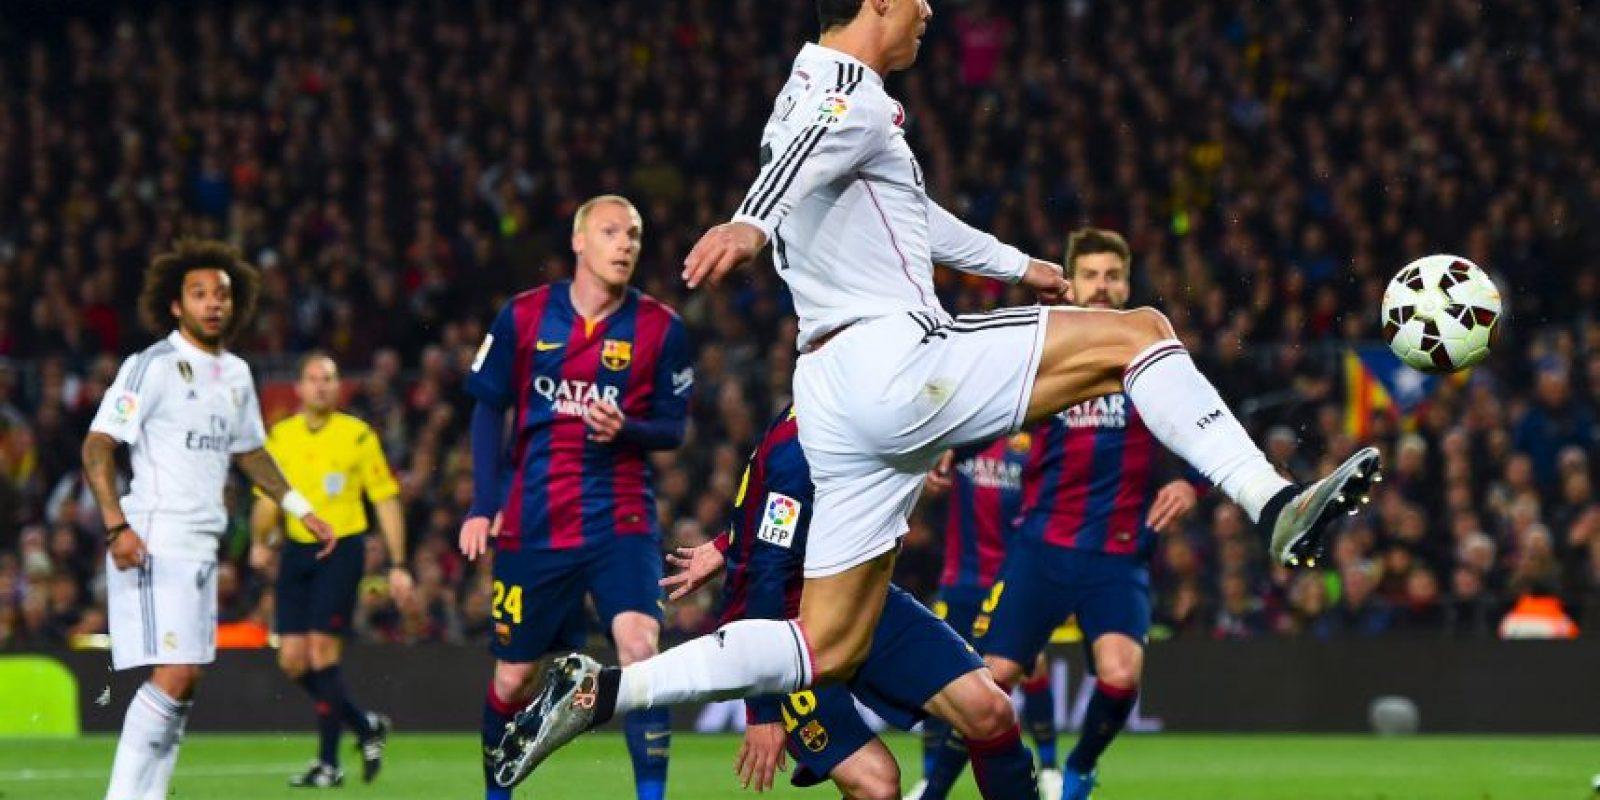 """En 2012, Real Madrid visitó al Mallorca, y Cristiano se llevó abucheos durante todo el partido. El portugués marcó un doblete y lo celebró llevándose la mano a la oreja insinuando que """"no escuchaba ahora los pitidos de la afición rival"""". Foto:Getty Images"""